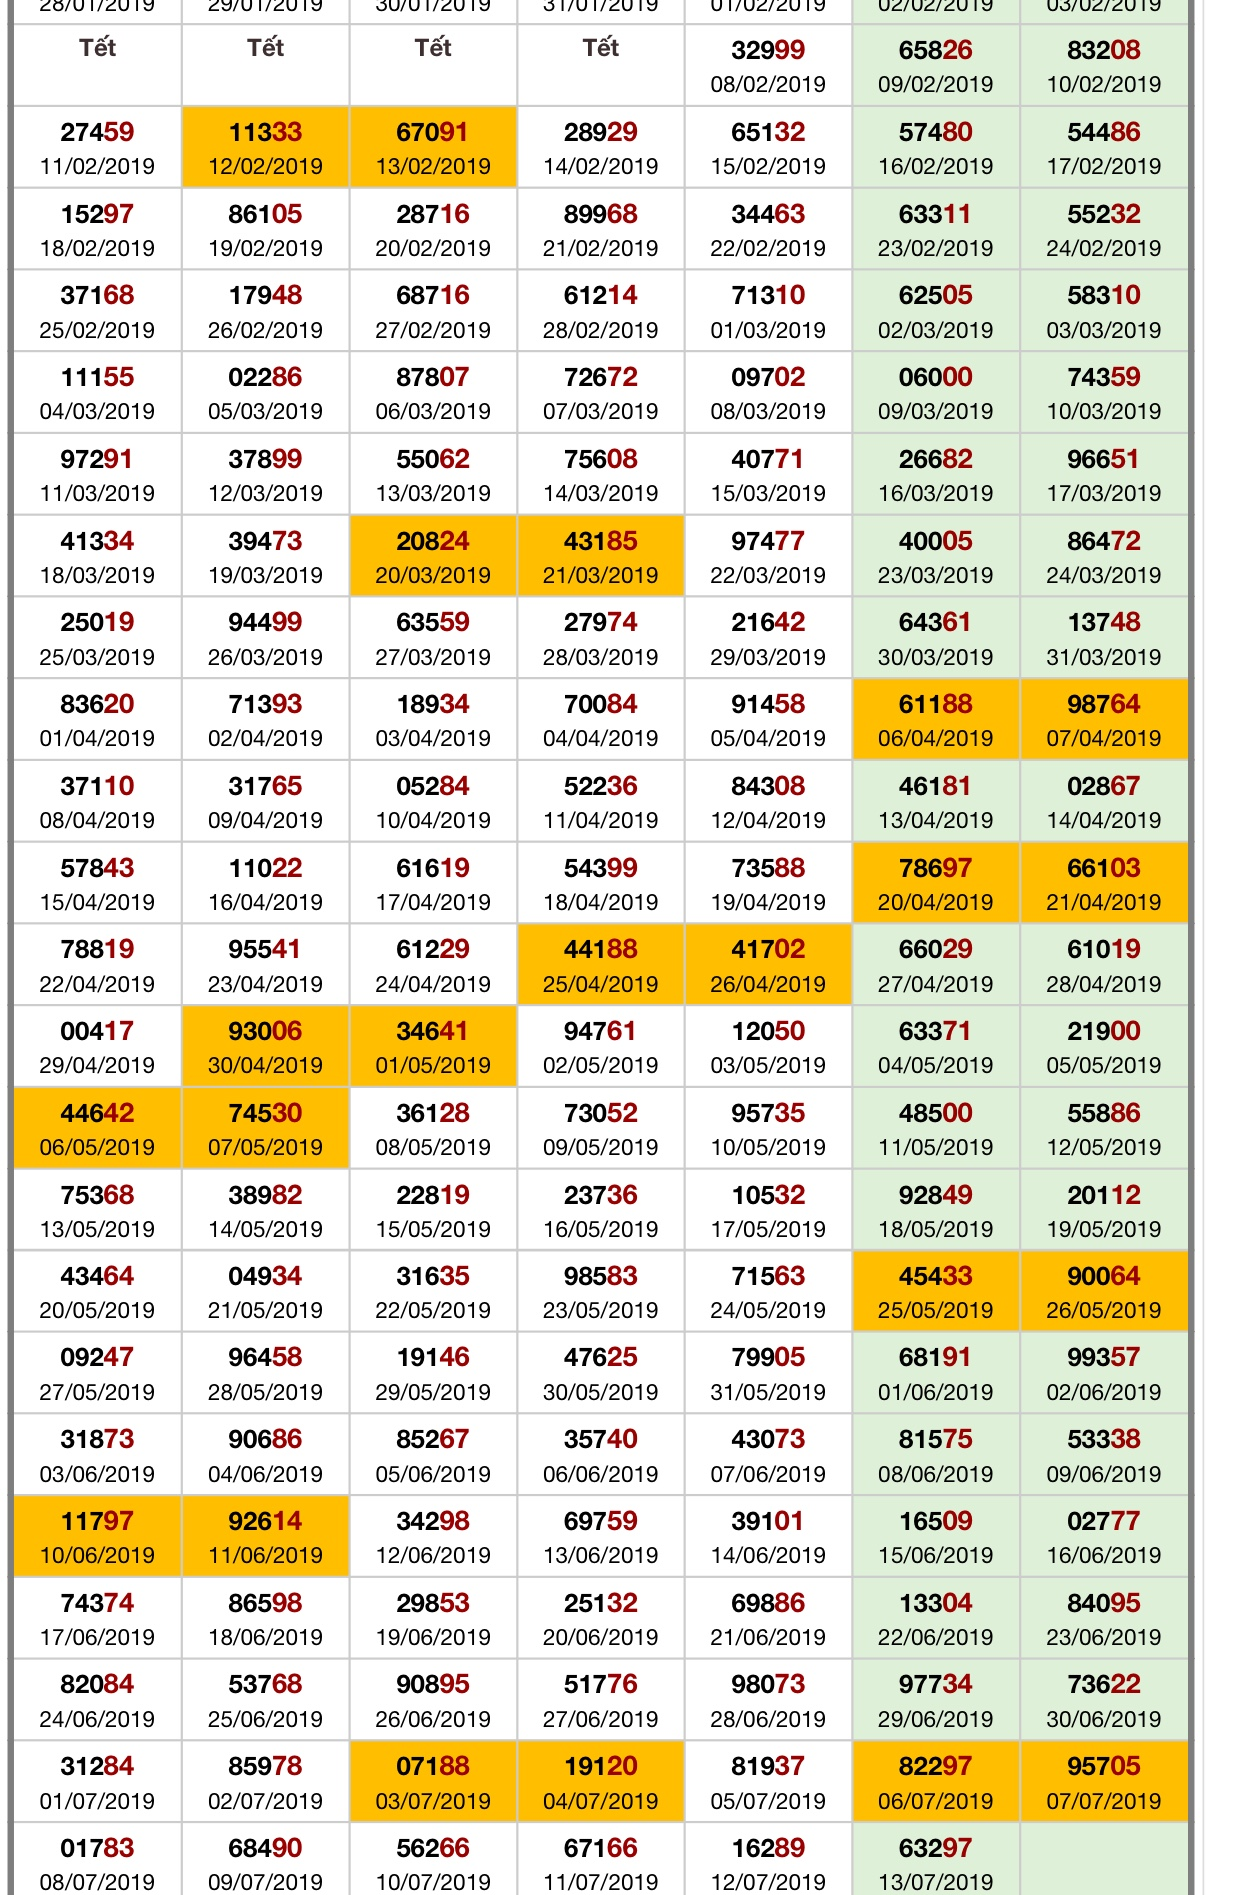 28DB0392-5B23-474A-9726-D5F16C40C4CC.jpeg